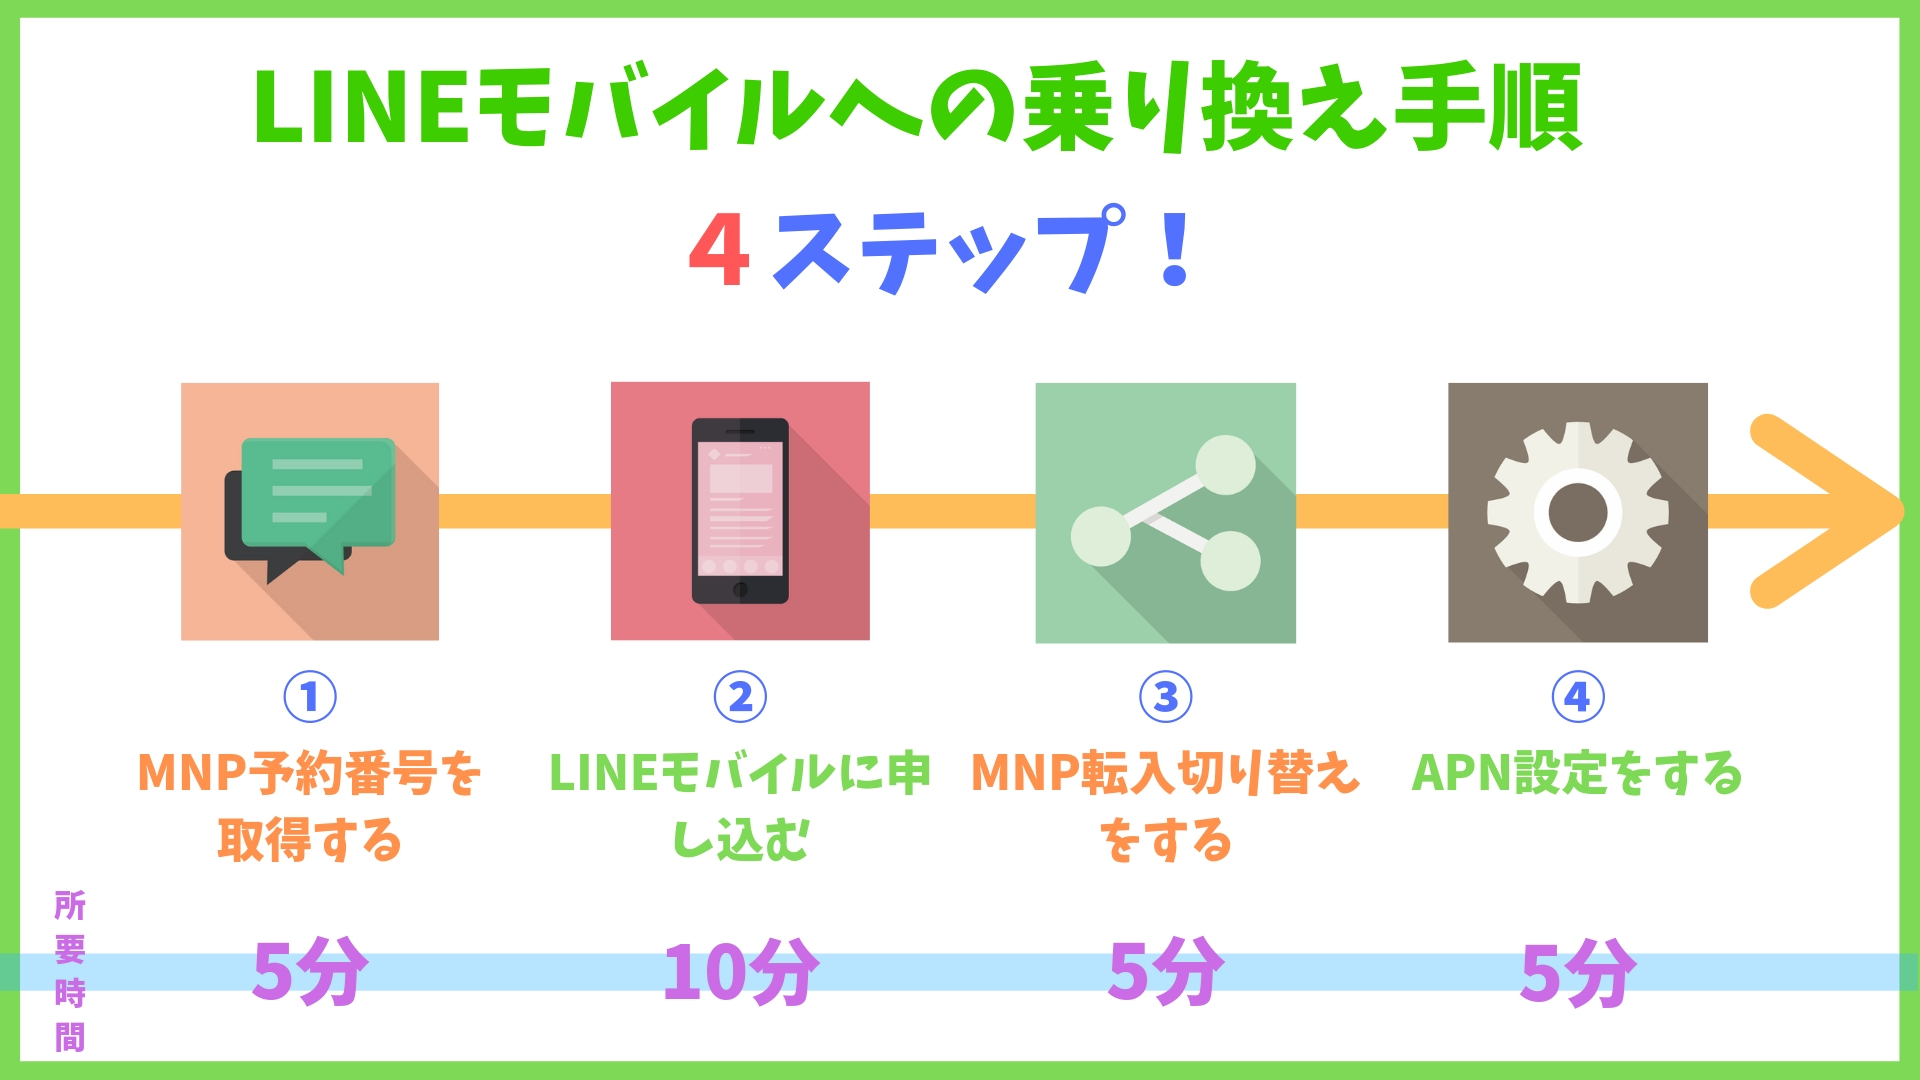 LINEモバイル乗り換え(MNP)方法